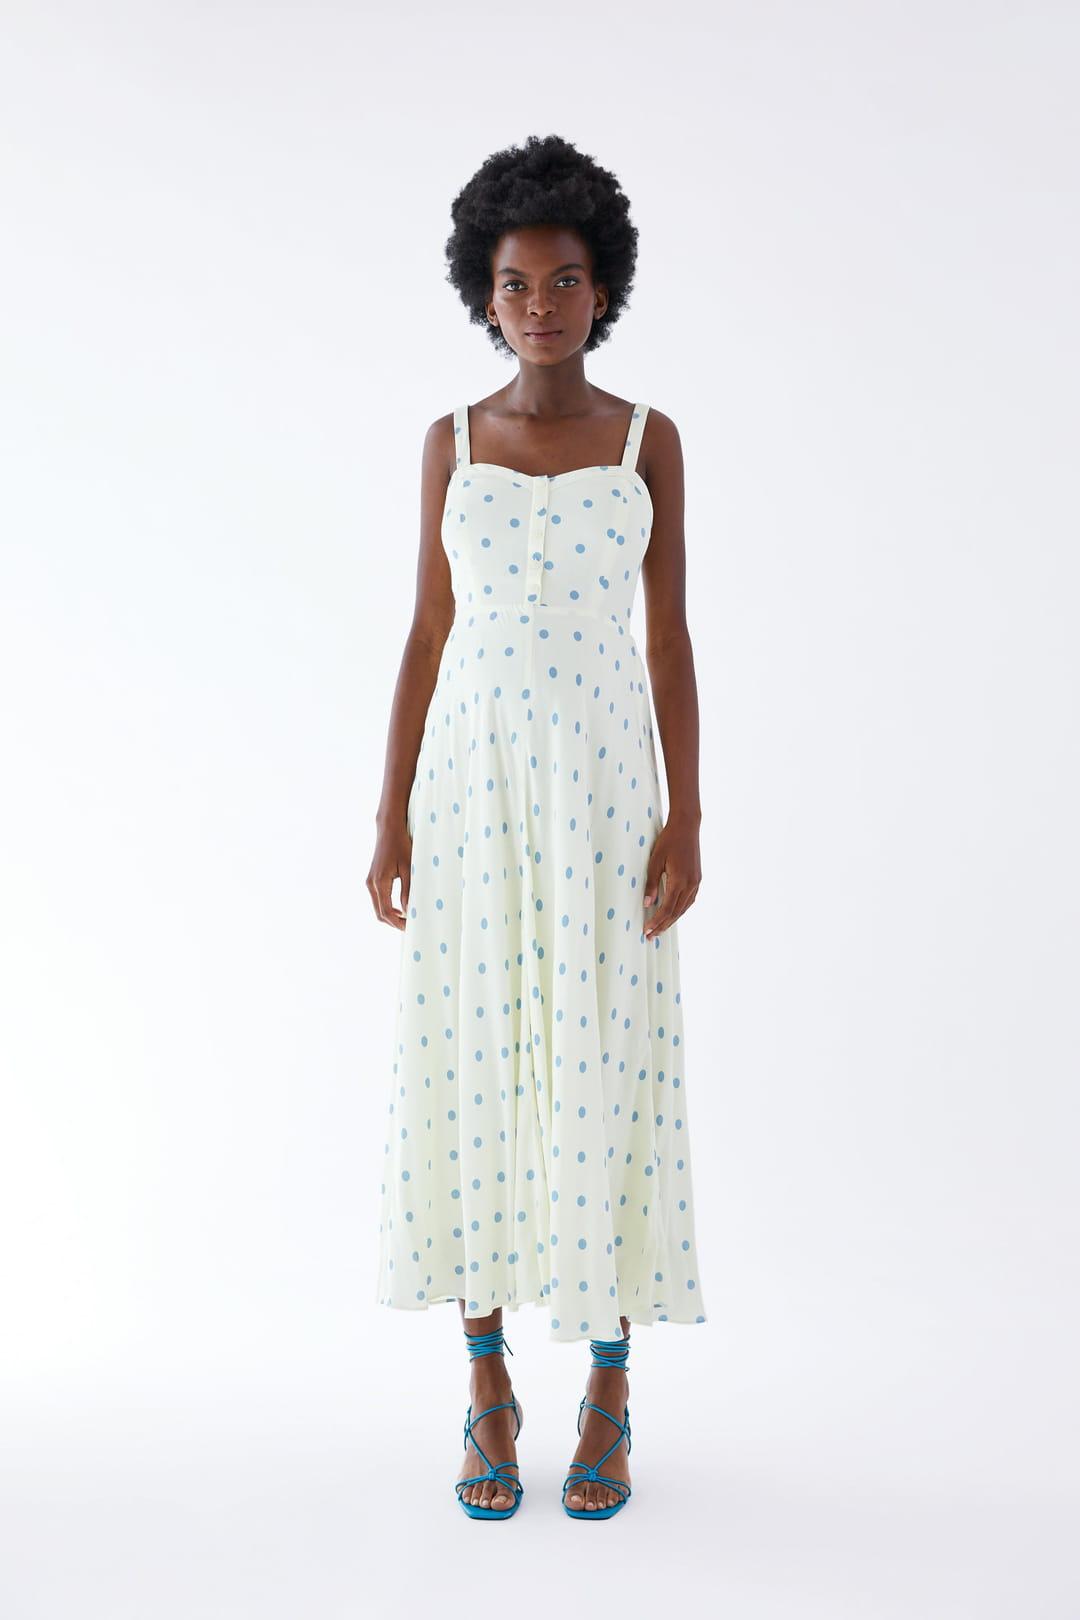 divers design meilleure sélection profiter du prix de liquidation Enceinte, comment s'habiller cet été ?